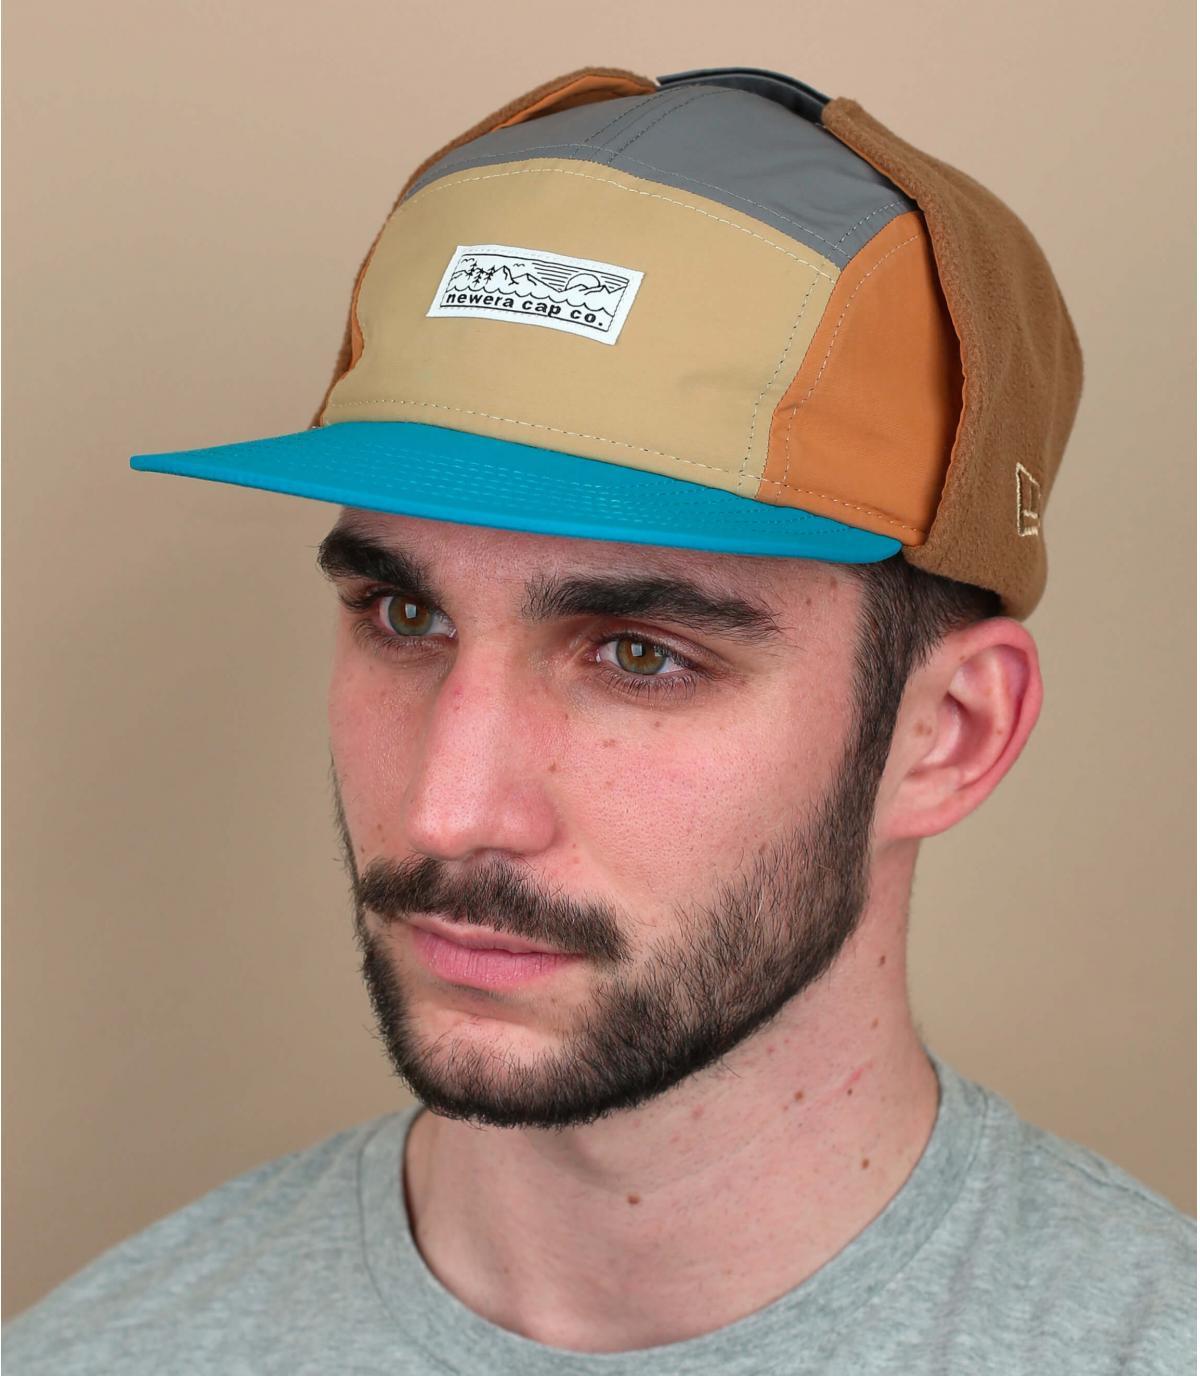 5 panel cap earflaps New Era